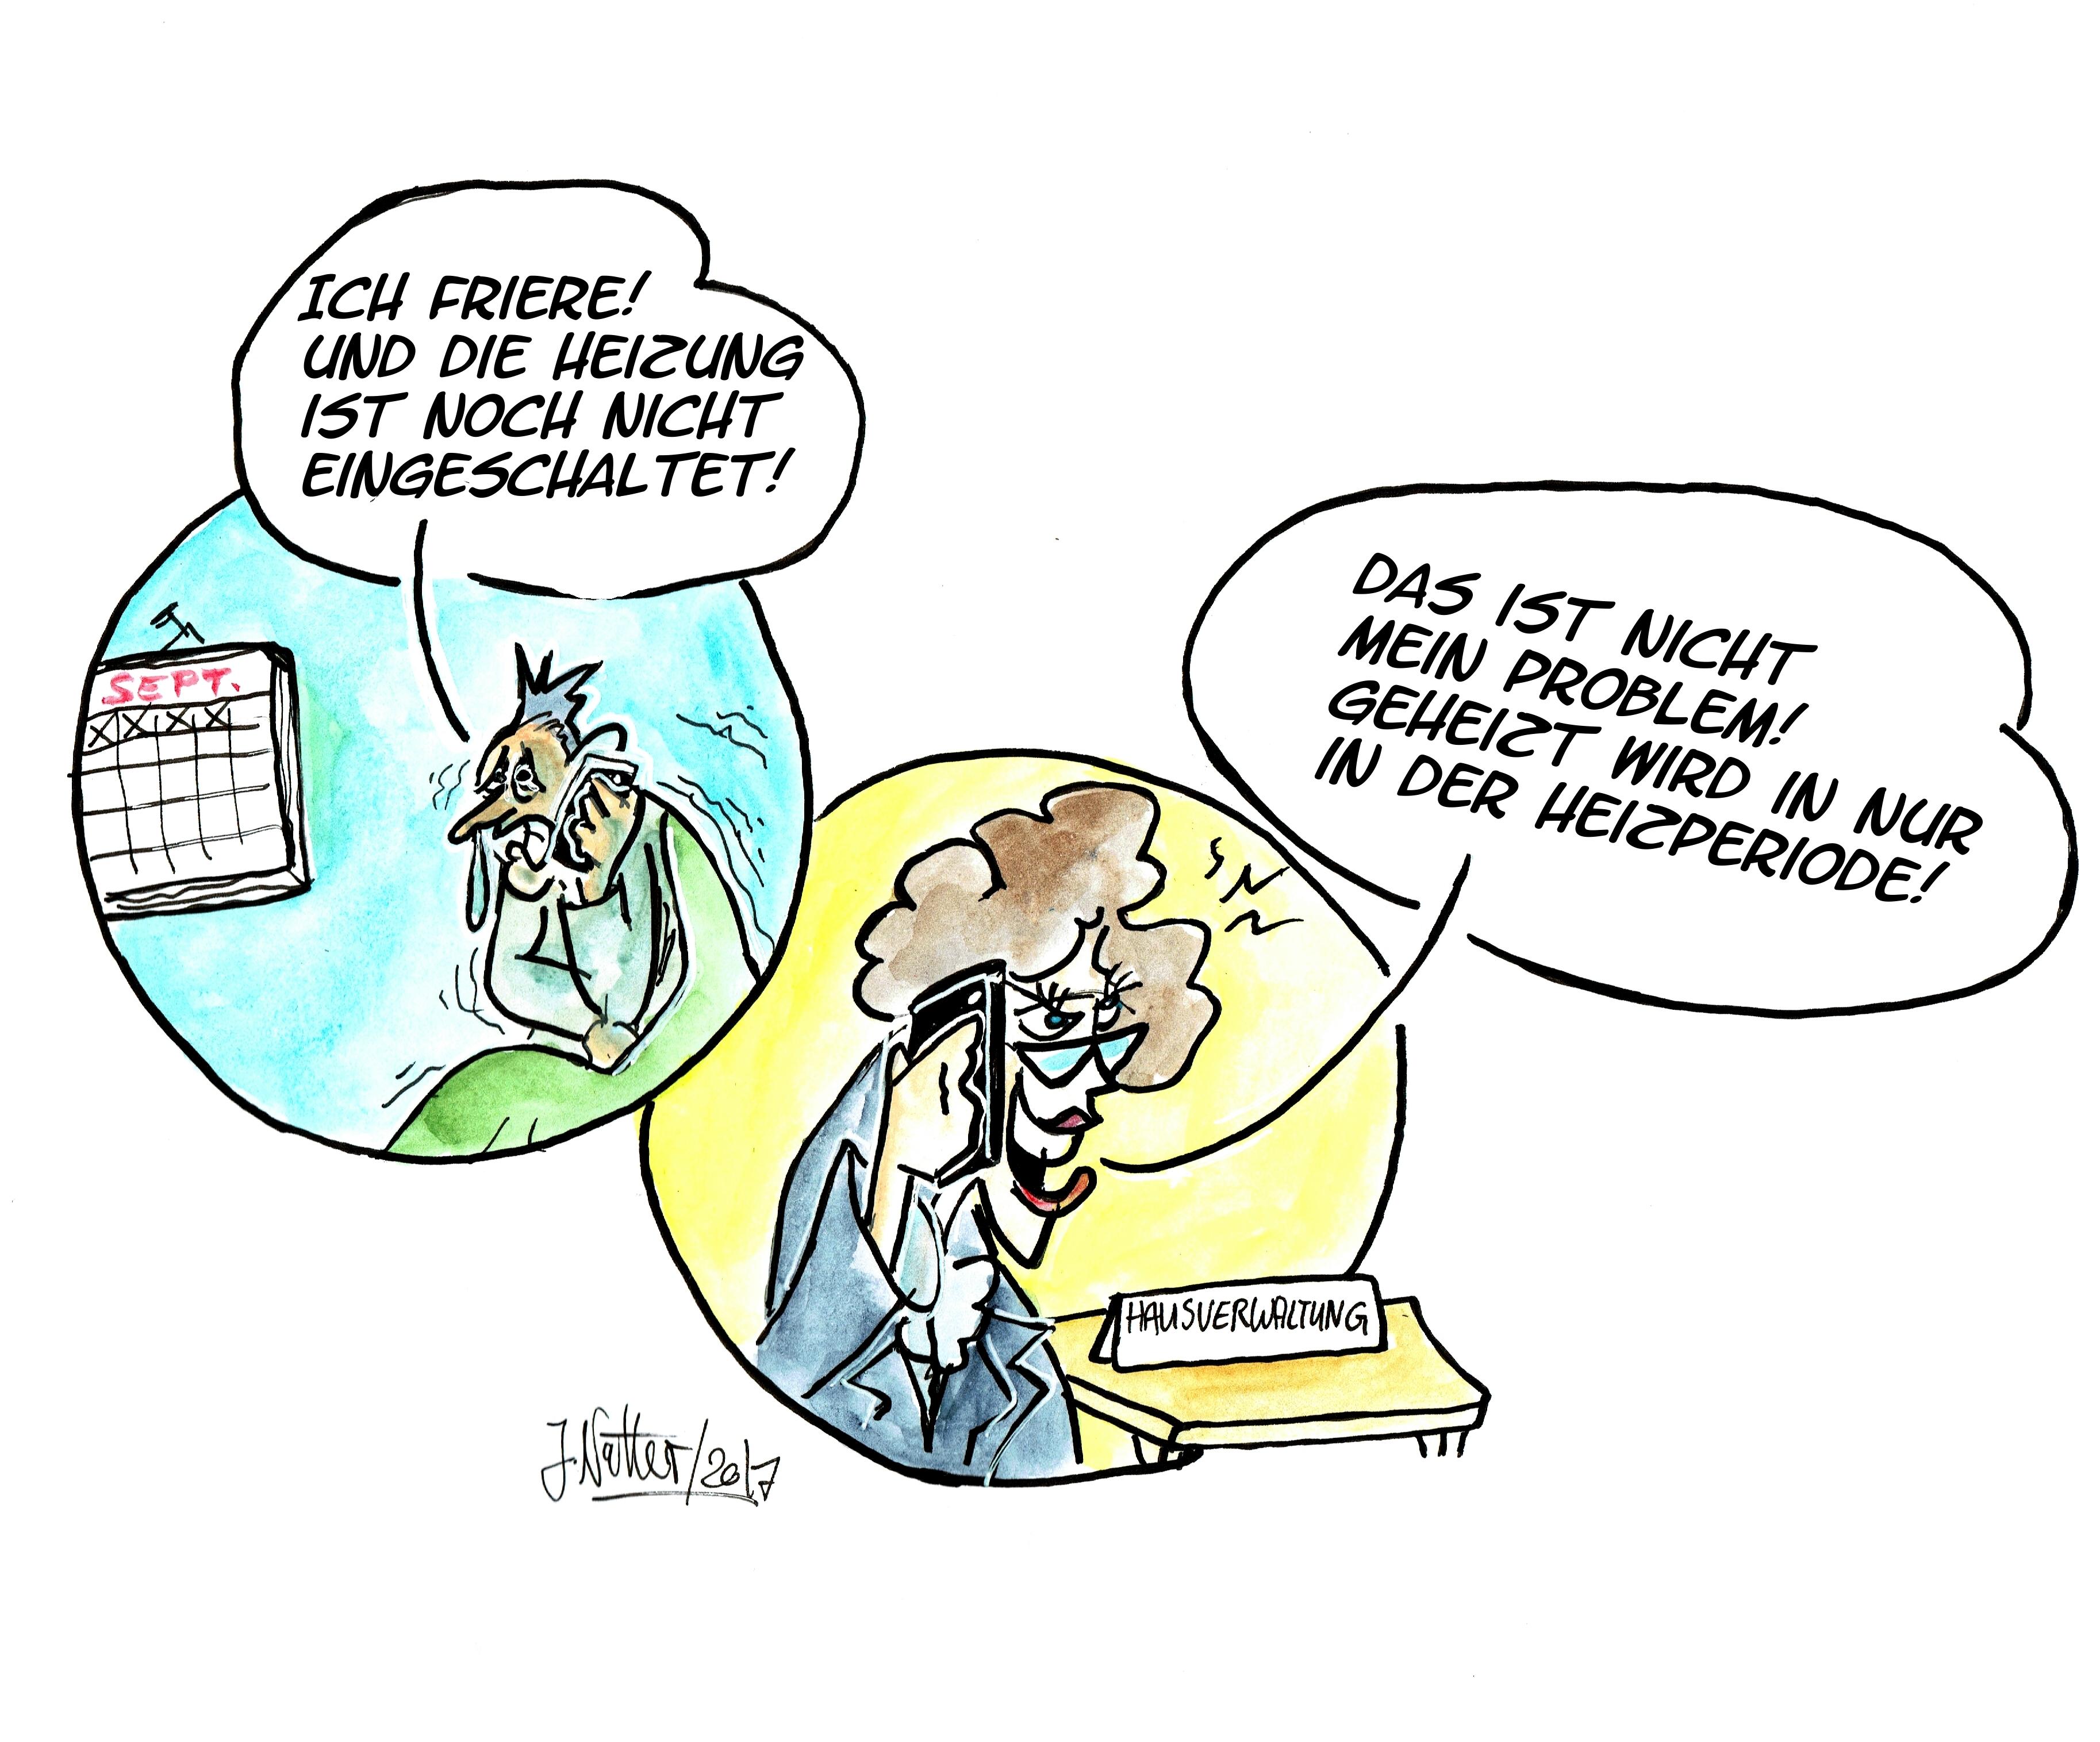 Charmant Lustig Anatomie Witze Bilder - Anatomie Von Menschlichen ...